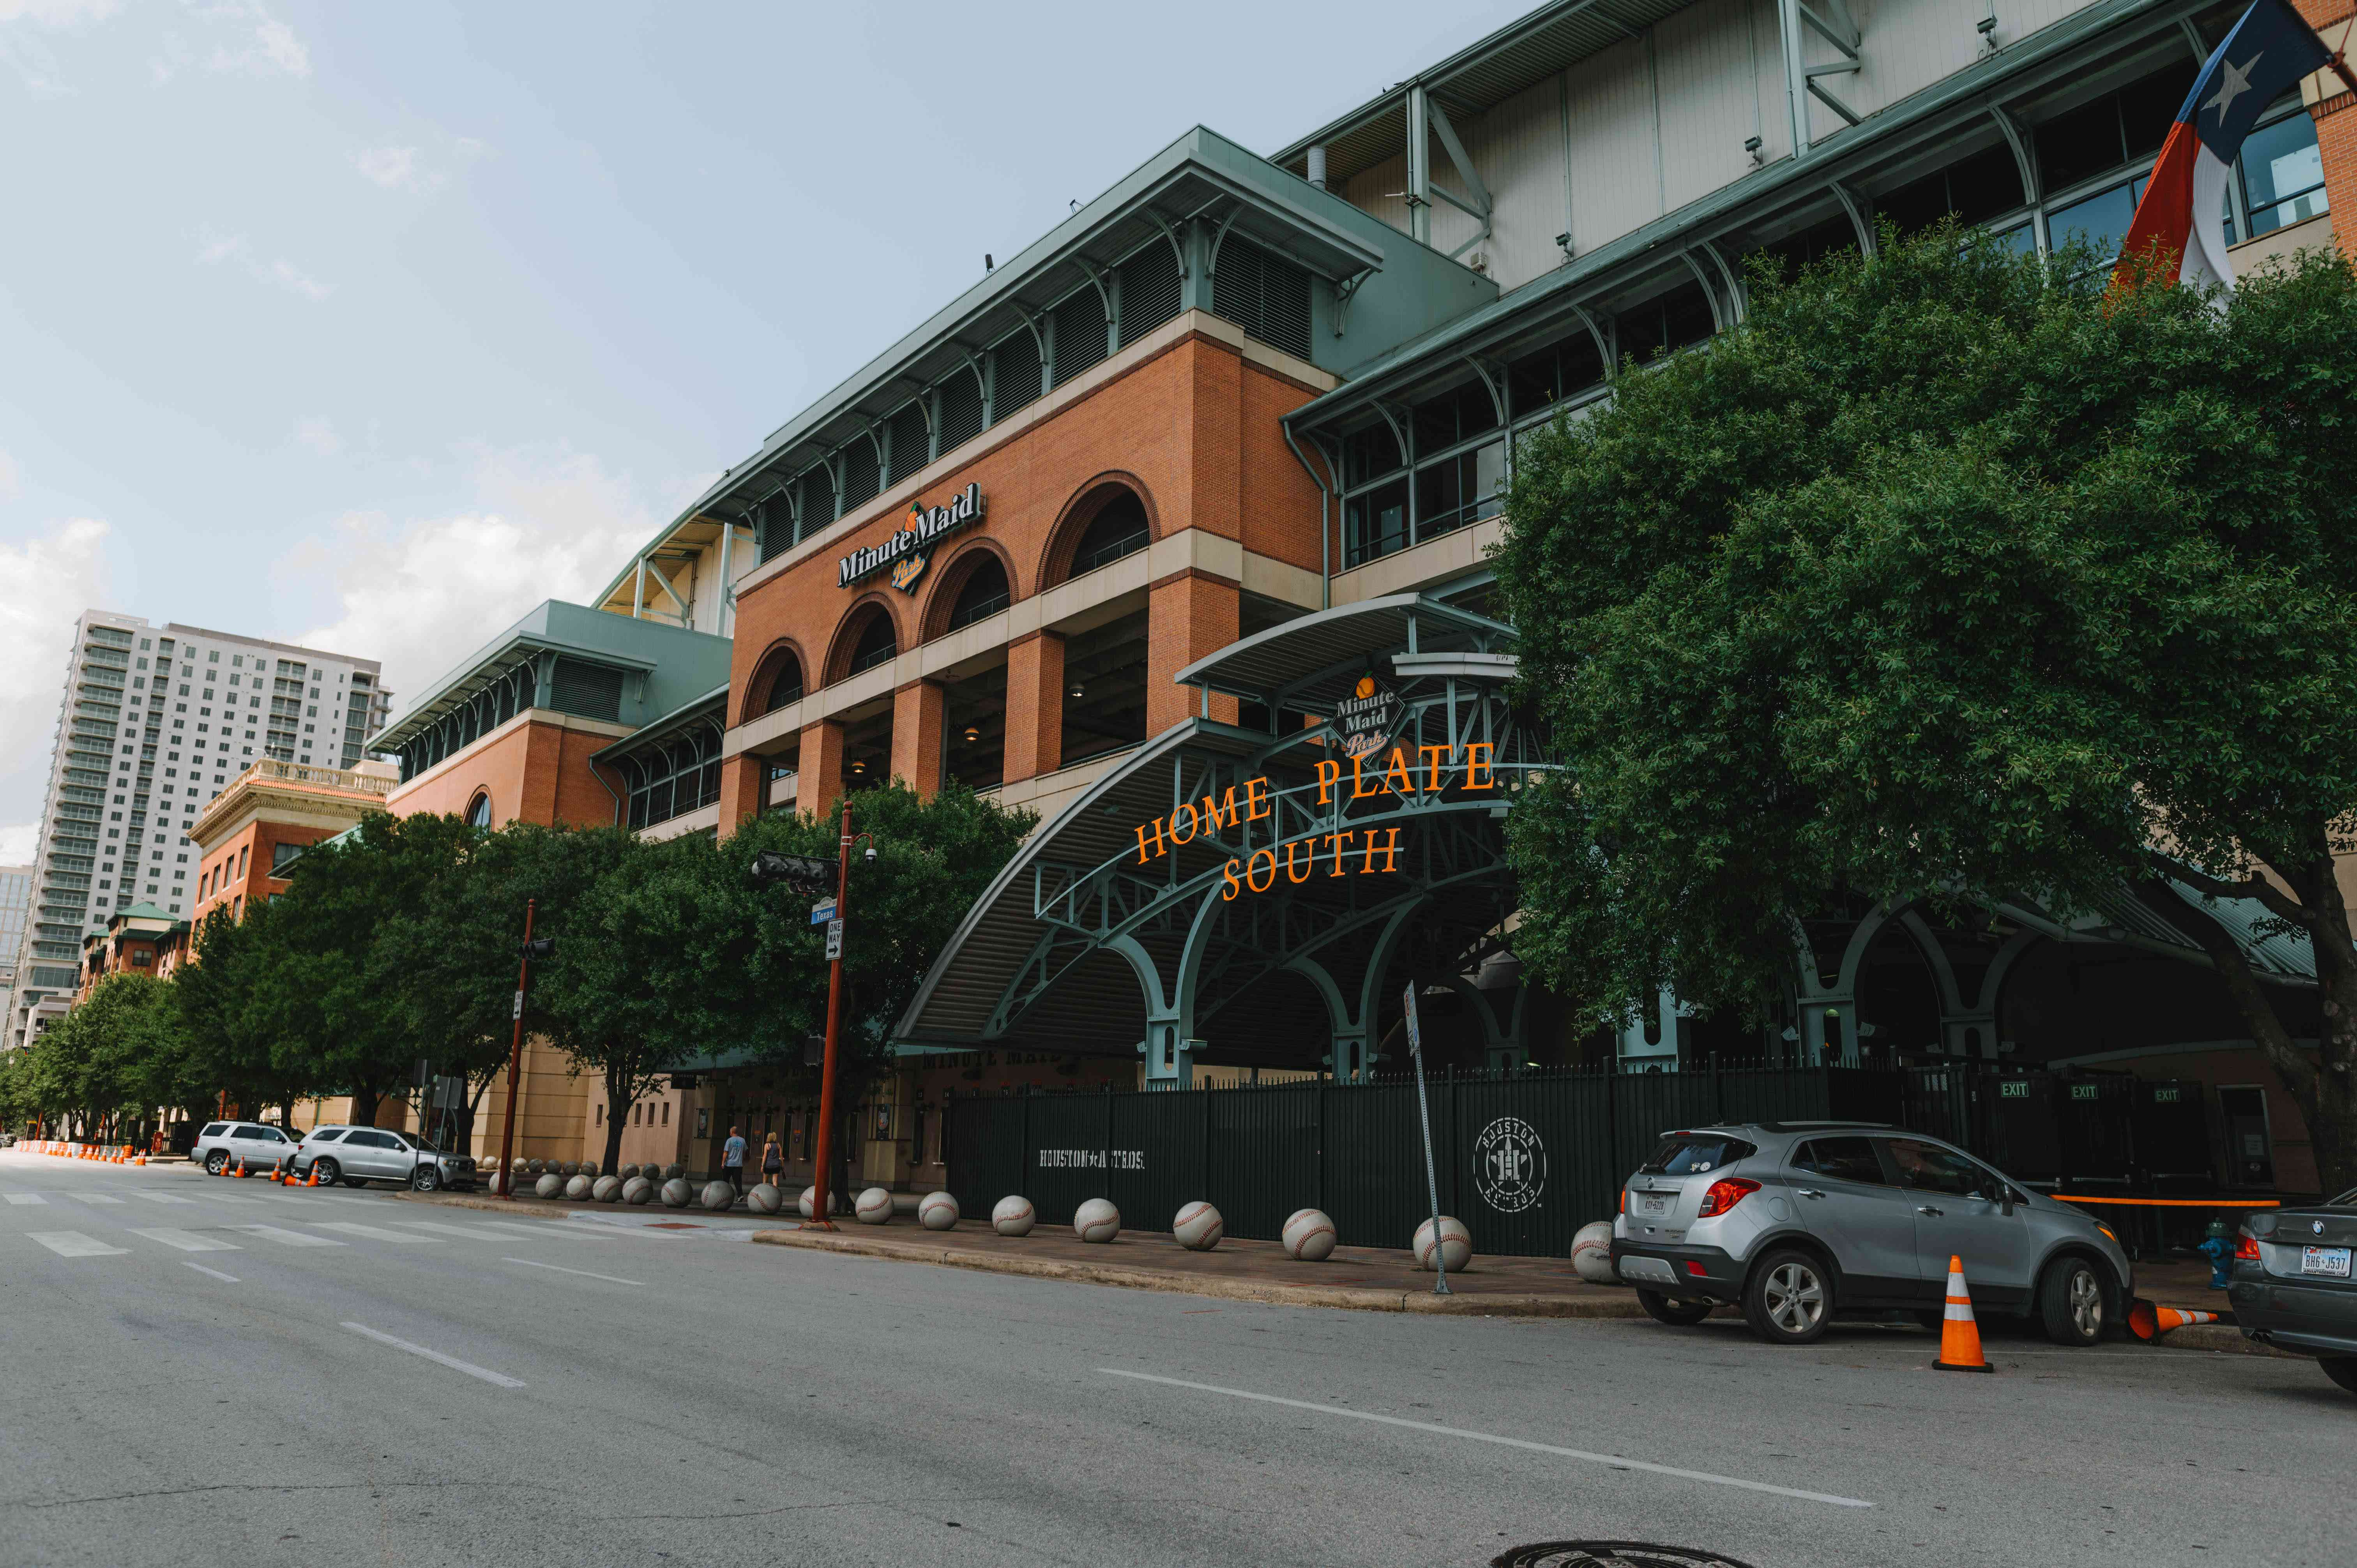 Exterior of the Minute Maid Stadium